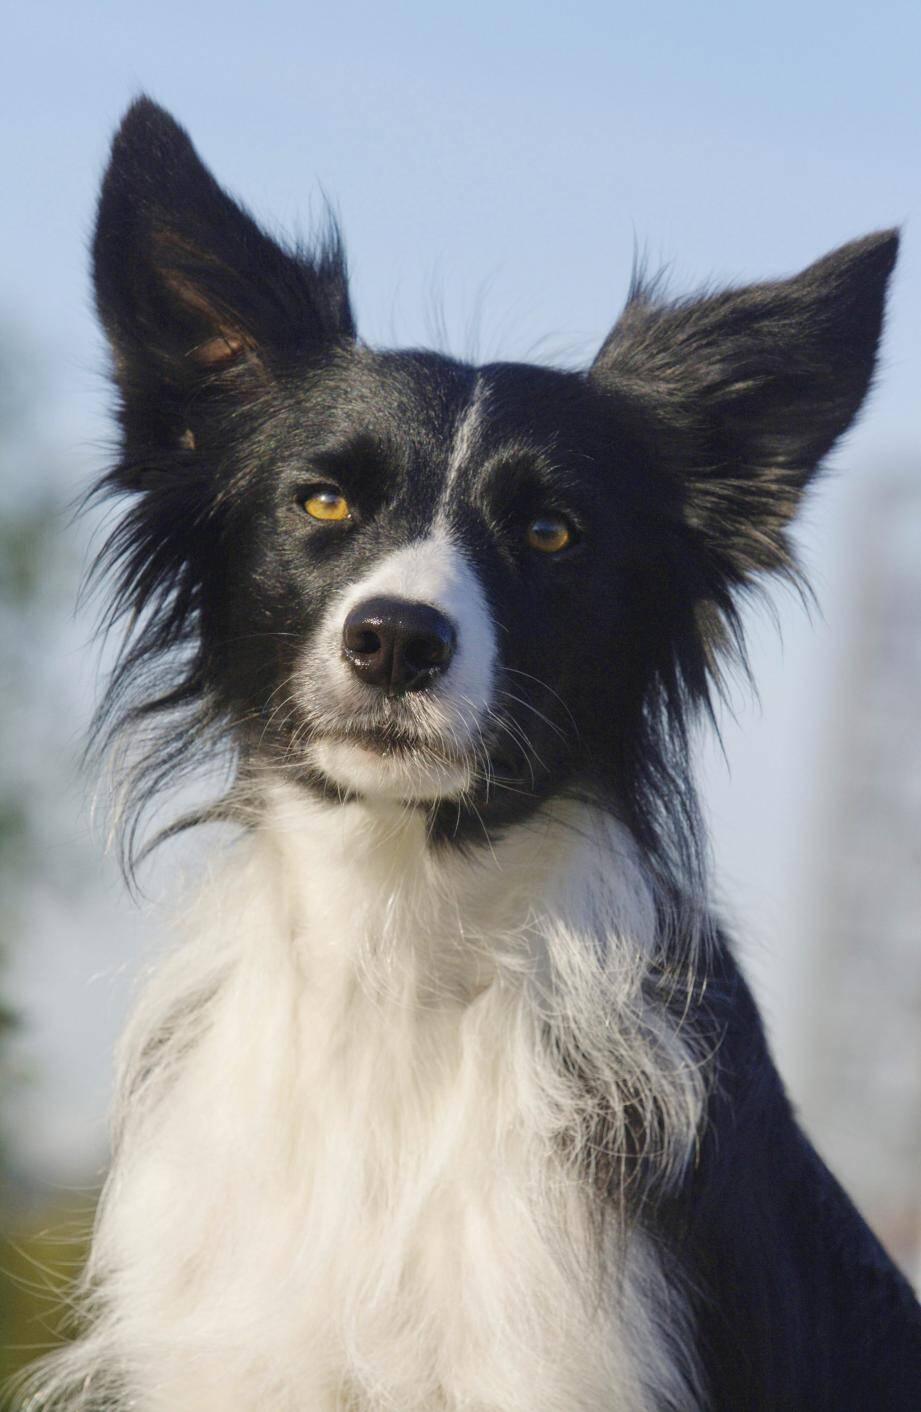 La chienne, âgée d'un an, avait été recueillie six mois plus tôt par la propriétaire.